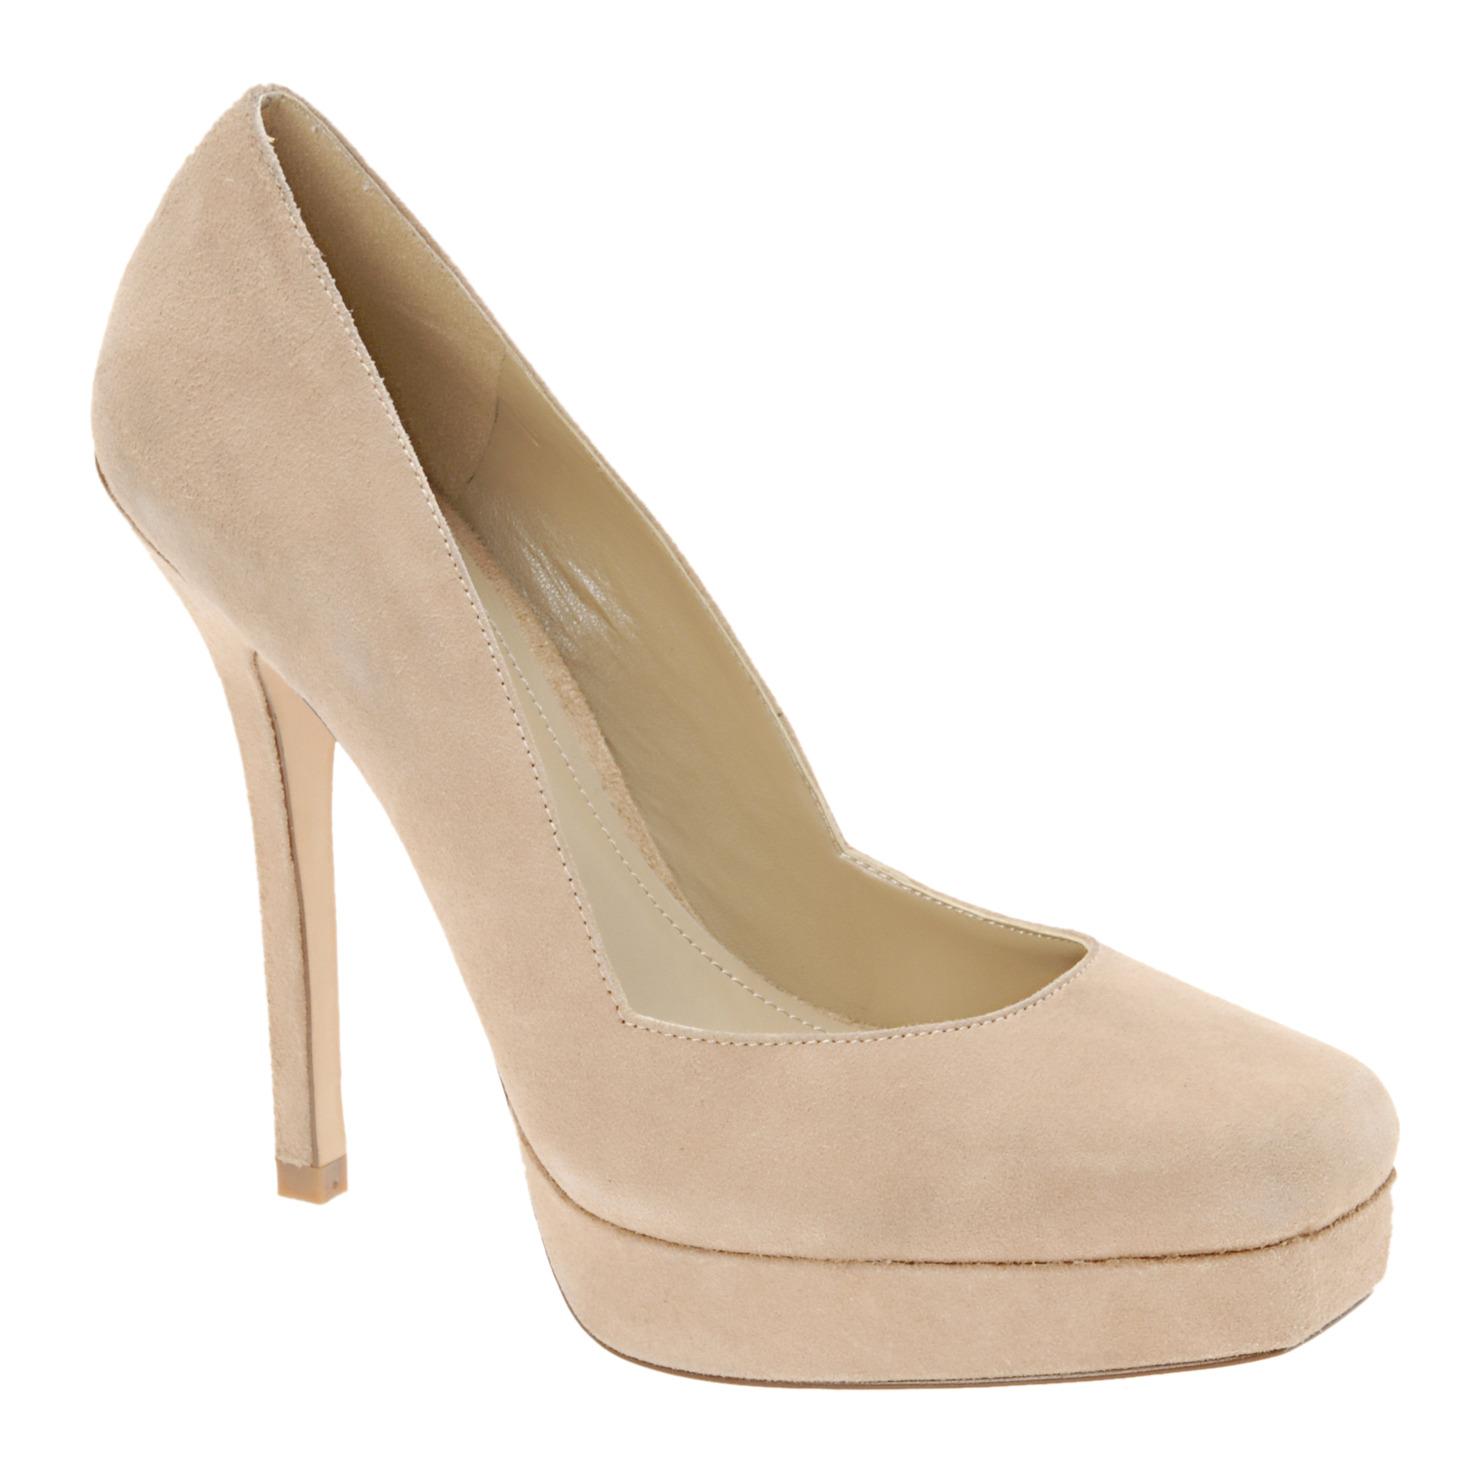 aldo-nude-suede-shoes